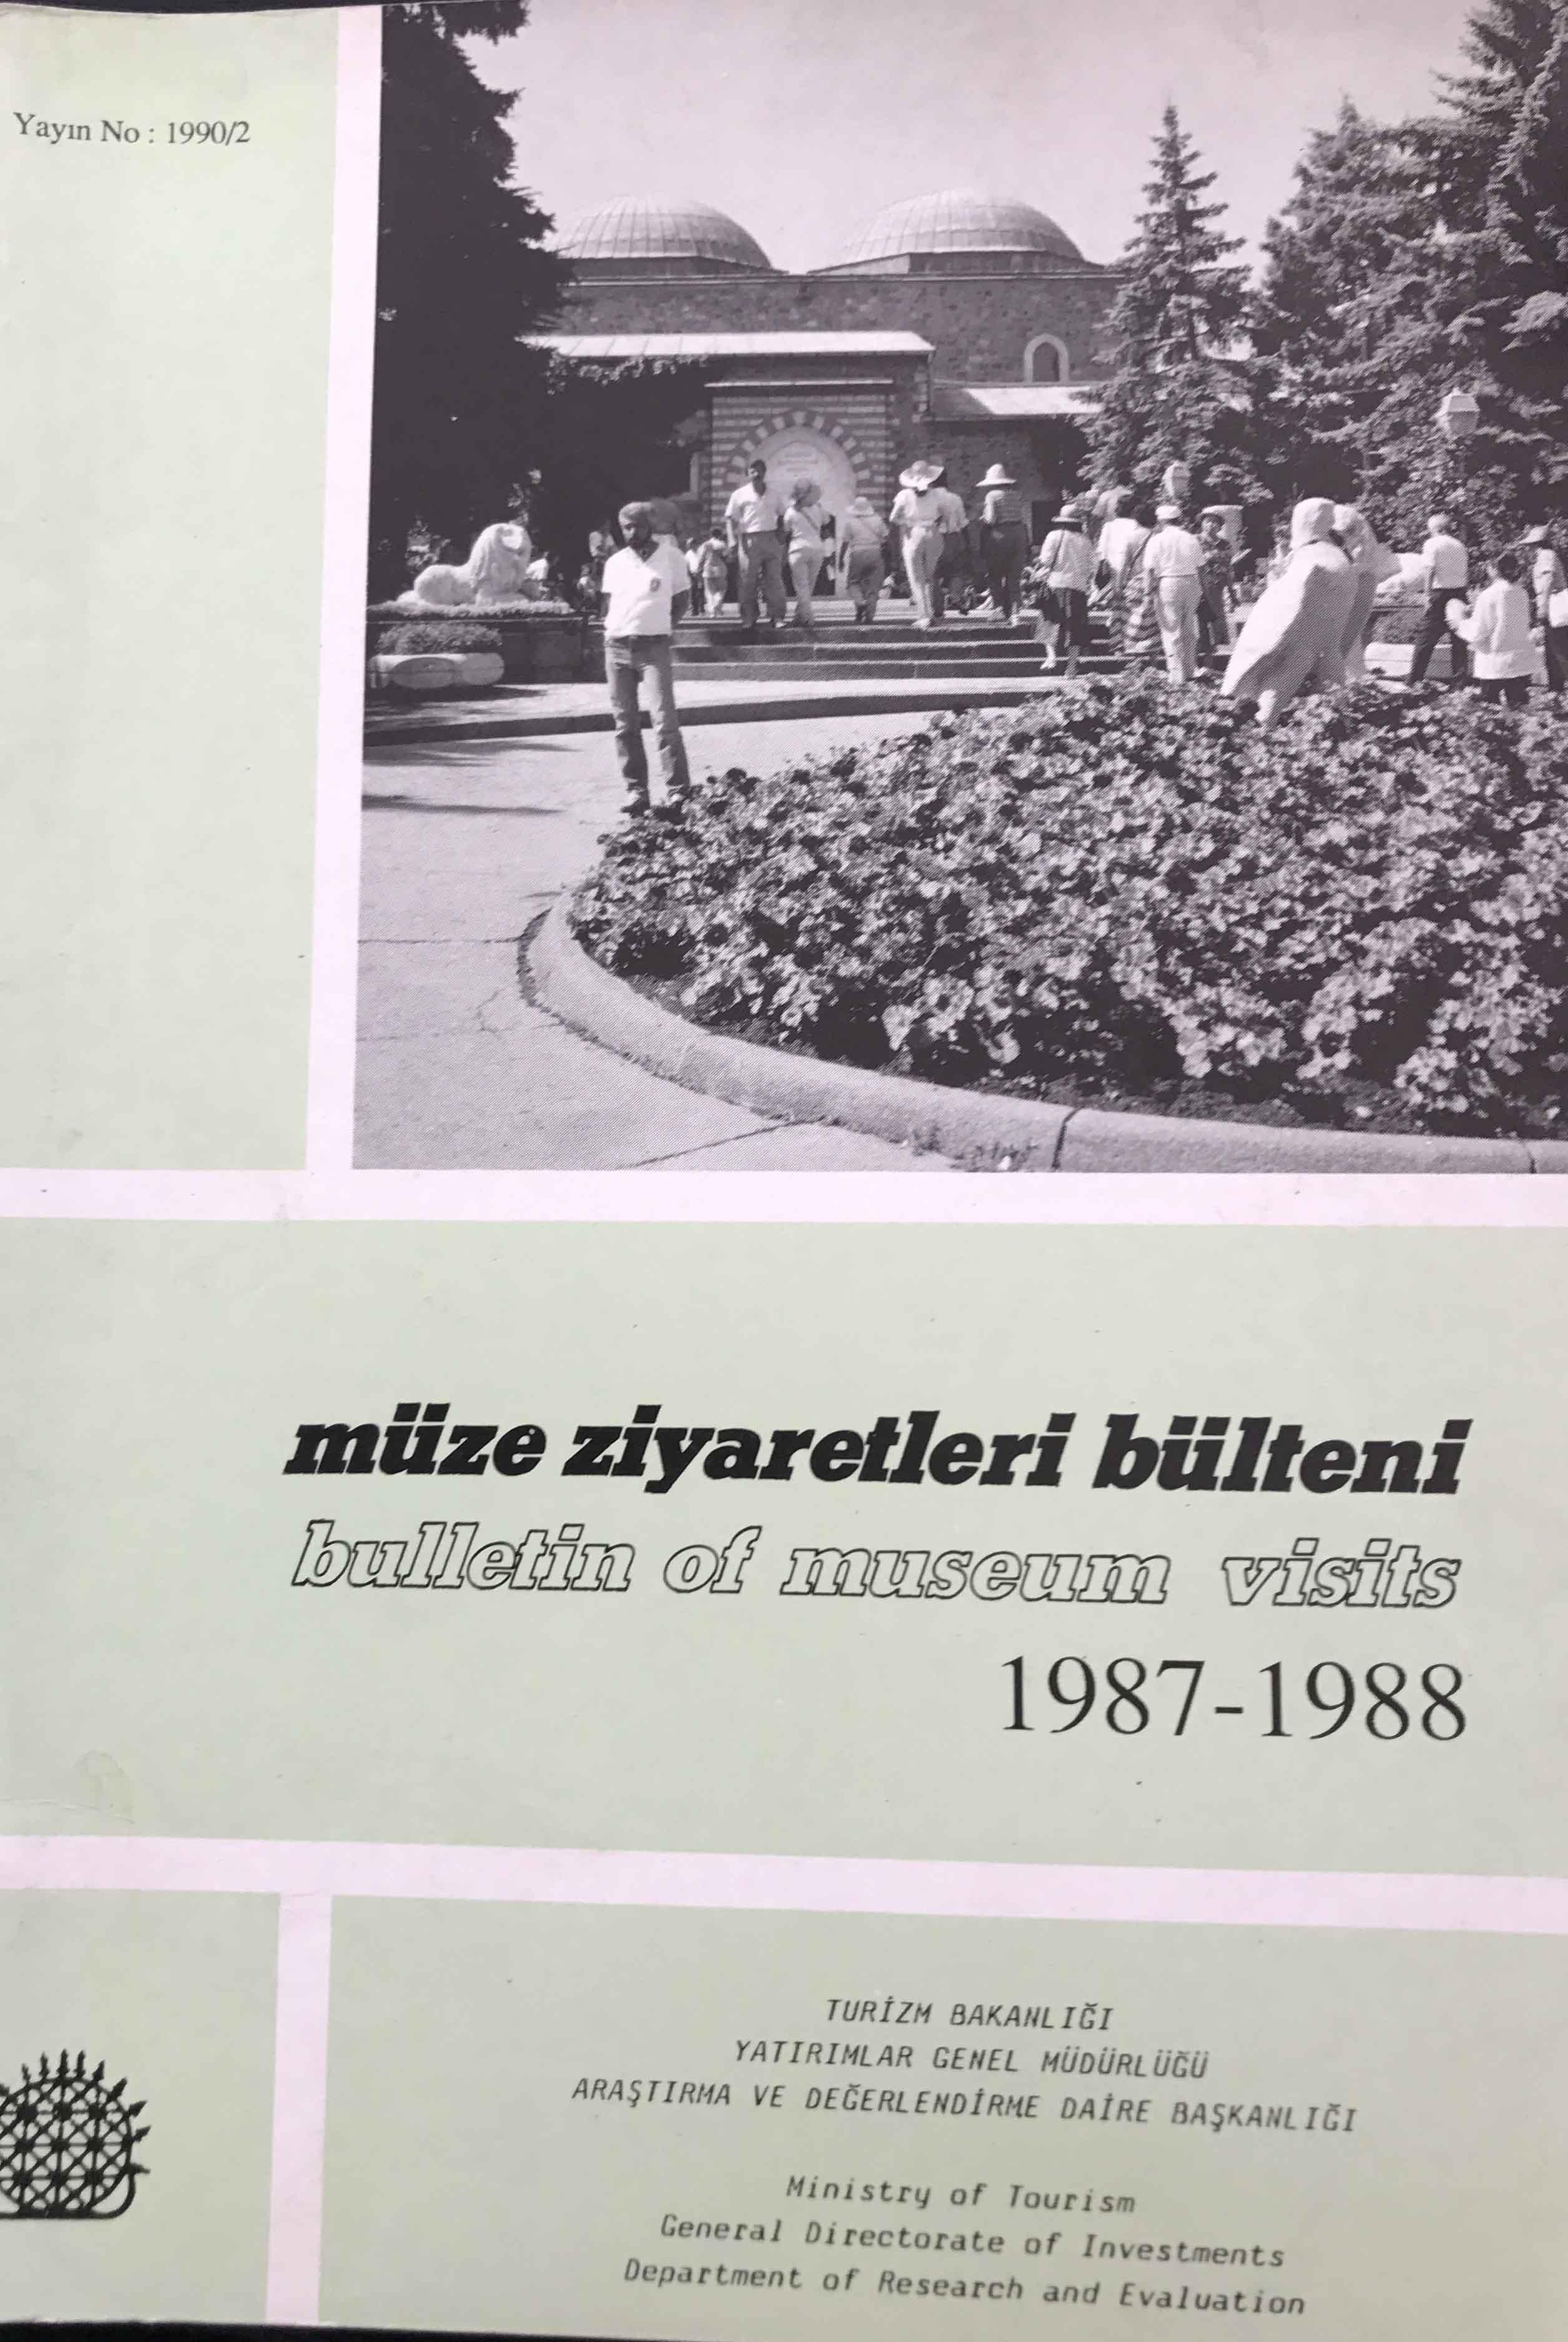 Müze Ziyaretleri Bülteni 1987-1988 Kitap Kapağı